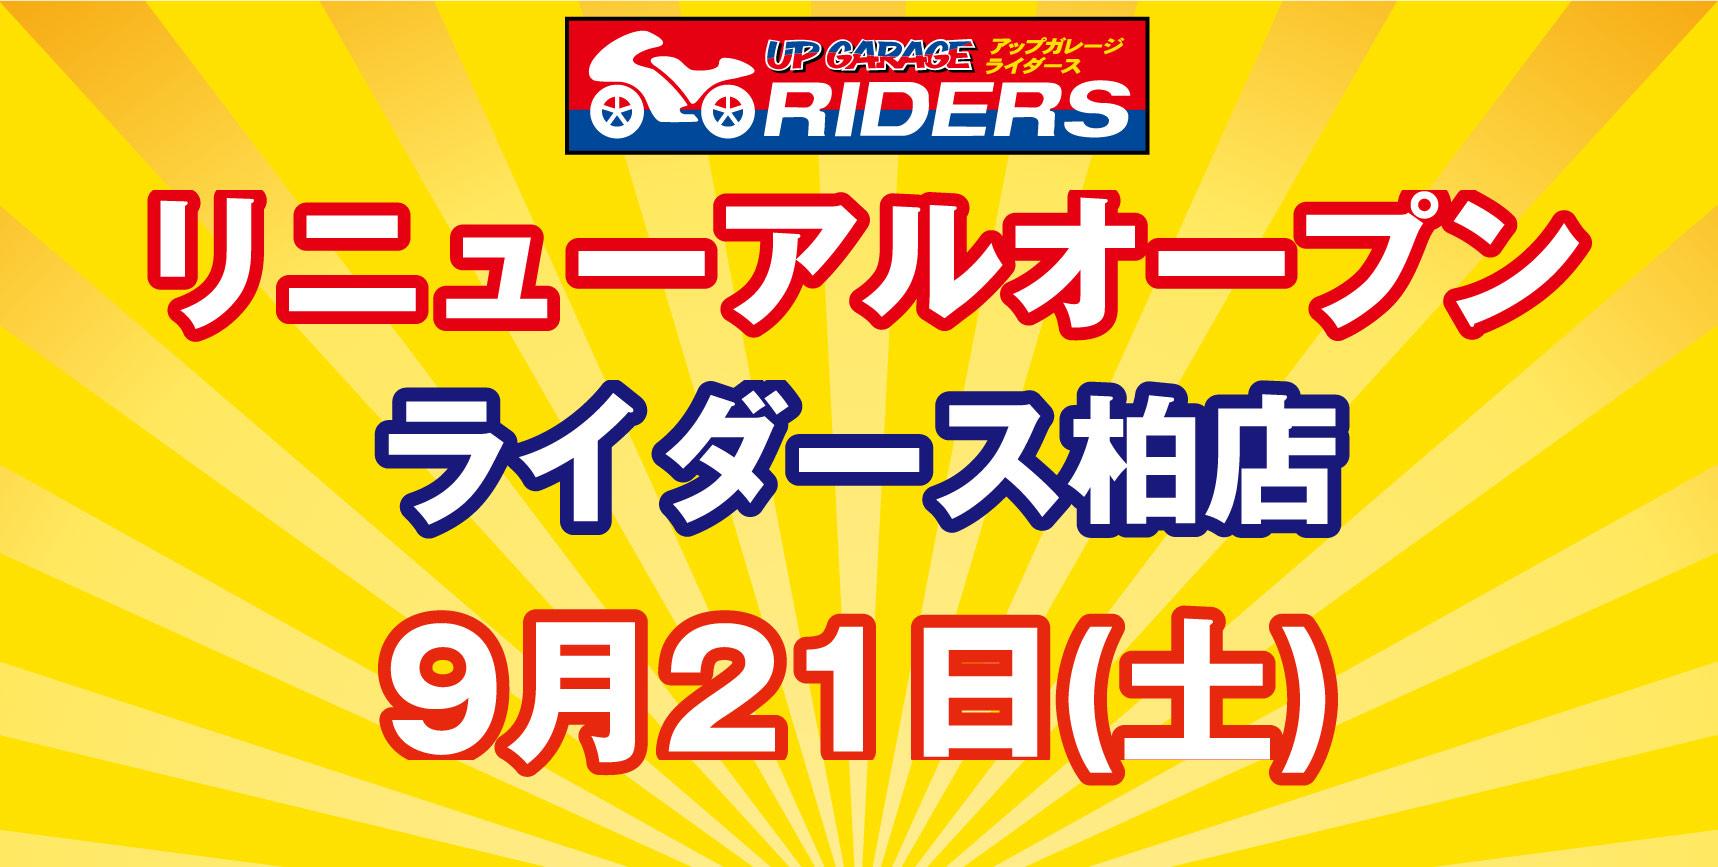 【ライダース柏店】リニューアルオープンのお知らせ